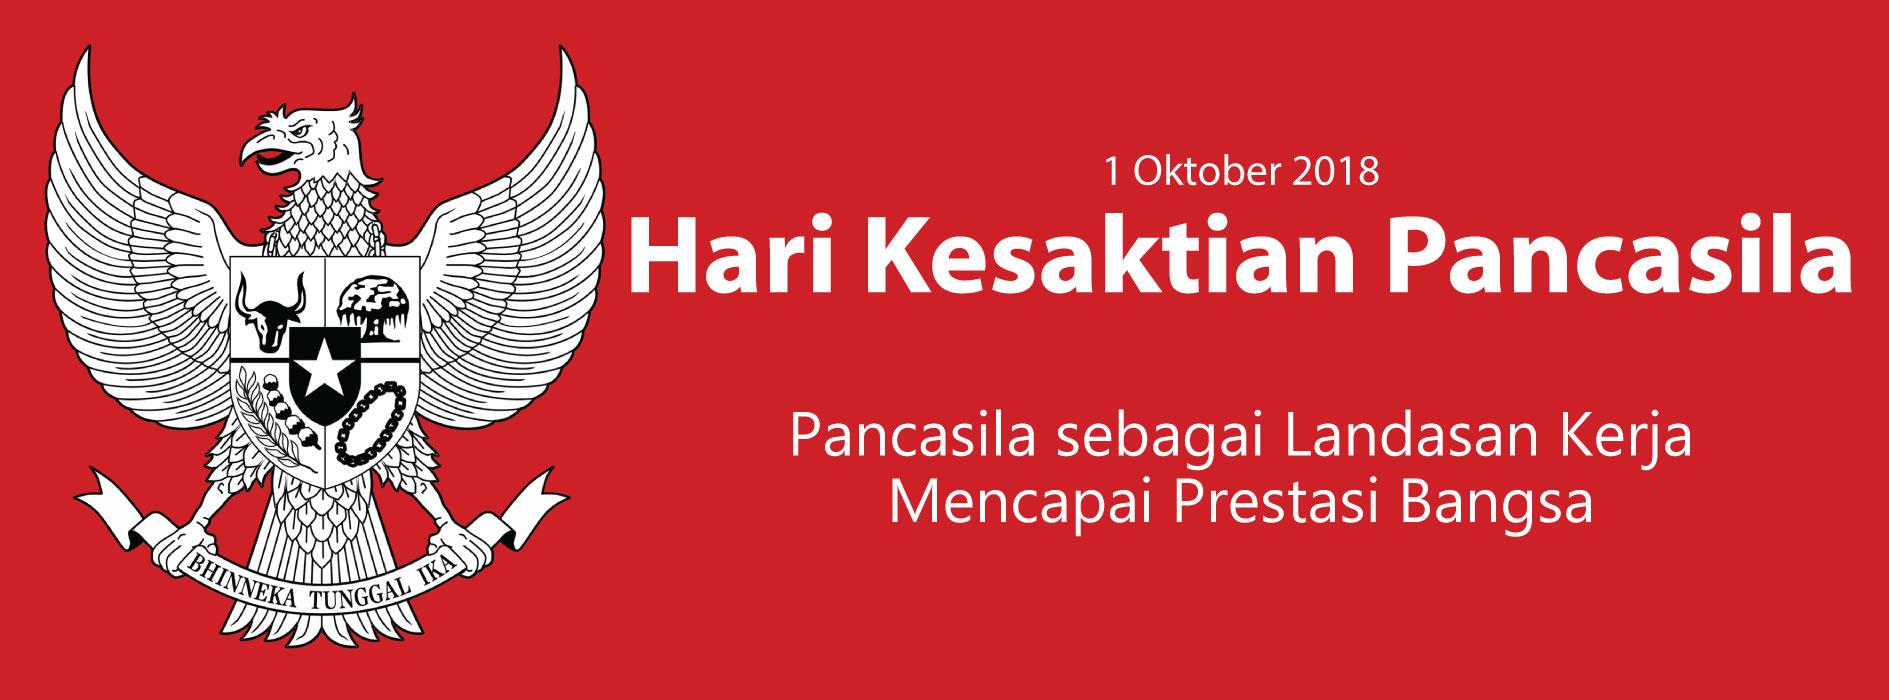 Web-banner-Hari-Kesaktian-Pancasila_2018 Tirtamarta bpk penabur jakarta sekolah pondok indah cinere depok